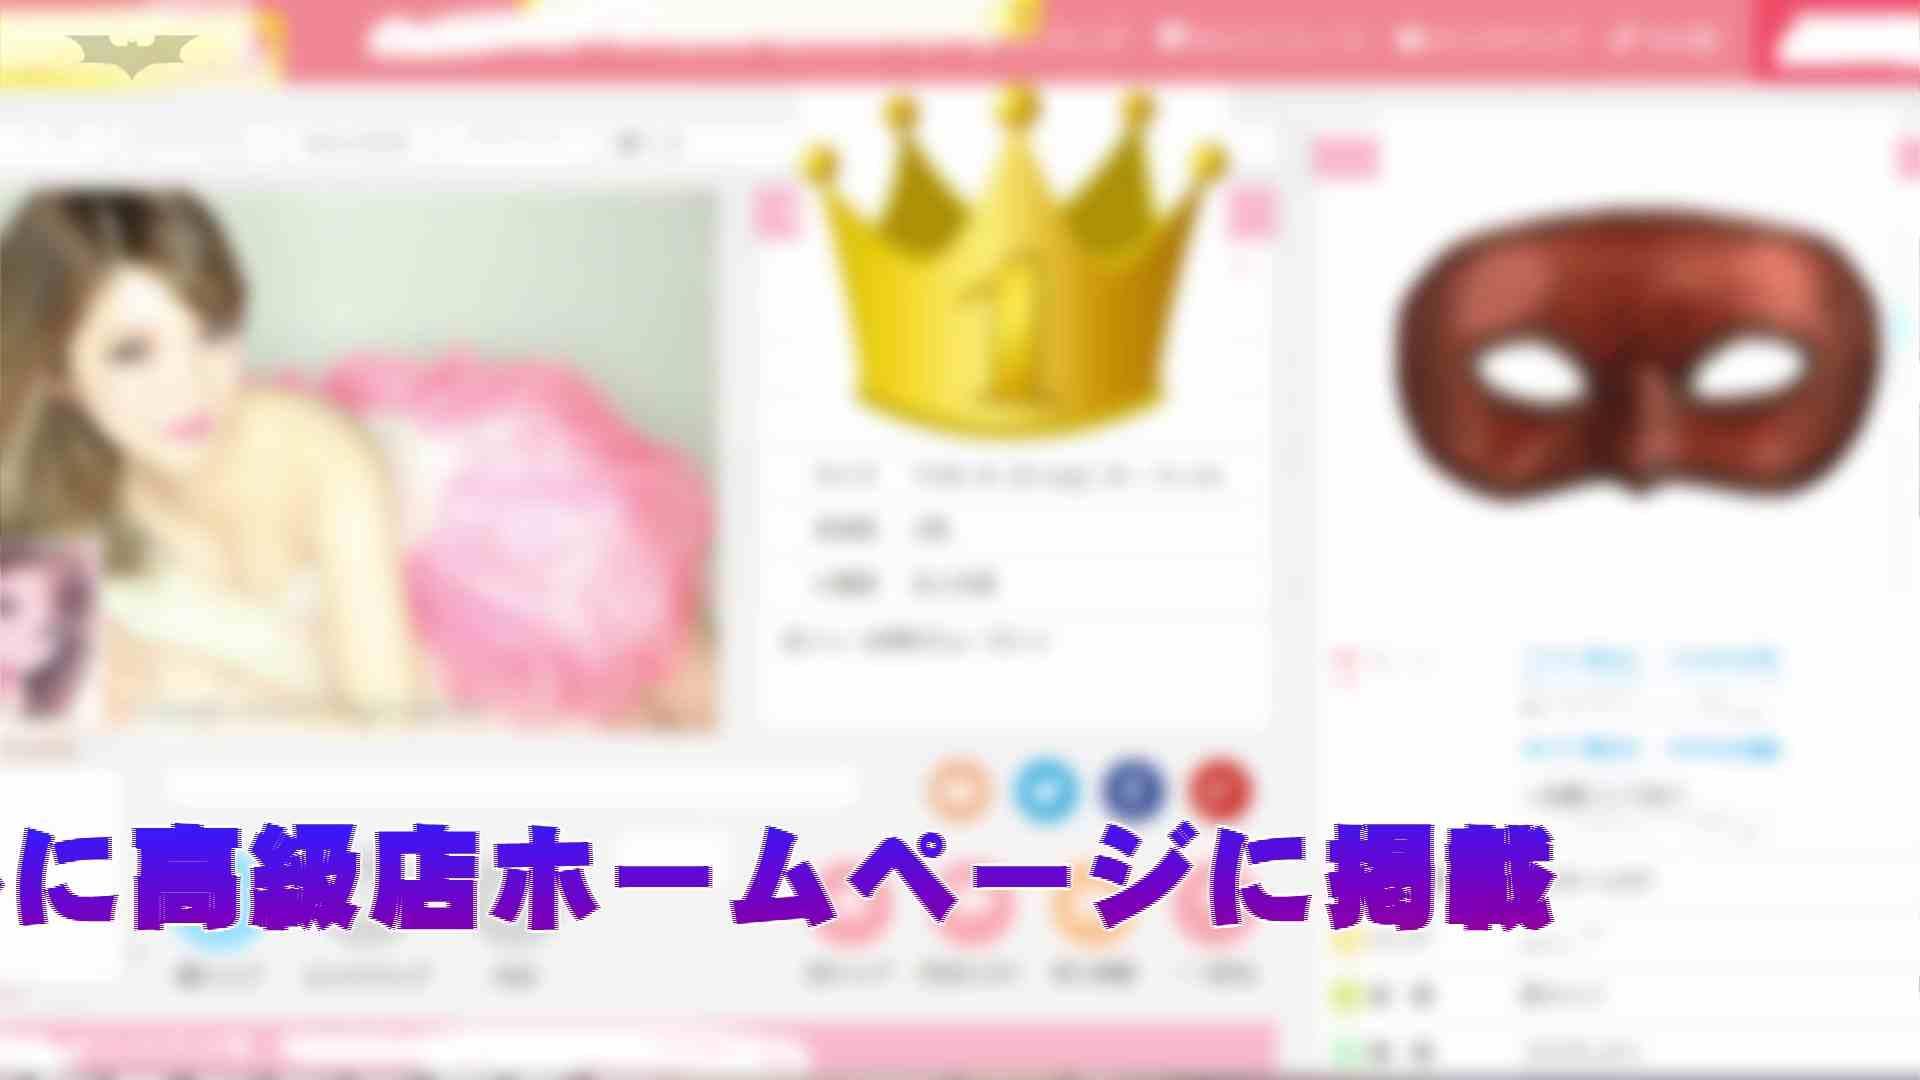 ヒトニアラヅNo.04 六本木NO1 姿、流れ、予告編公開!! ギャル  59PIX 16